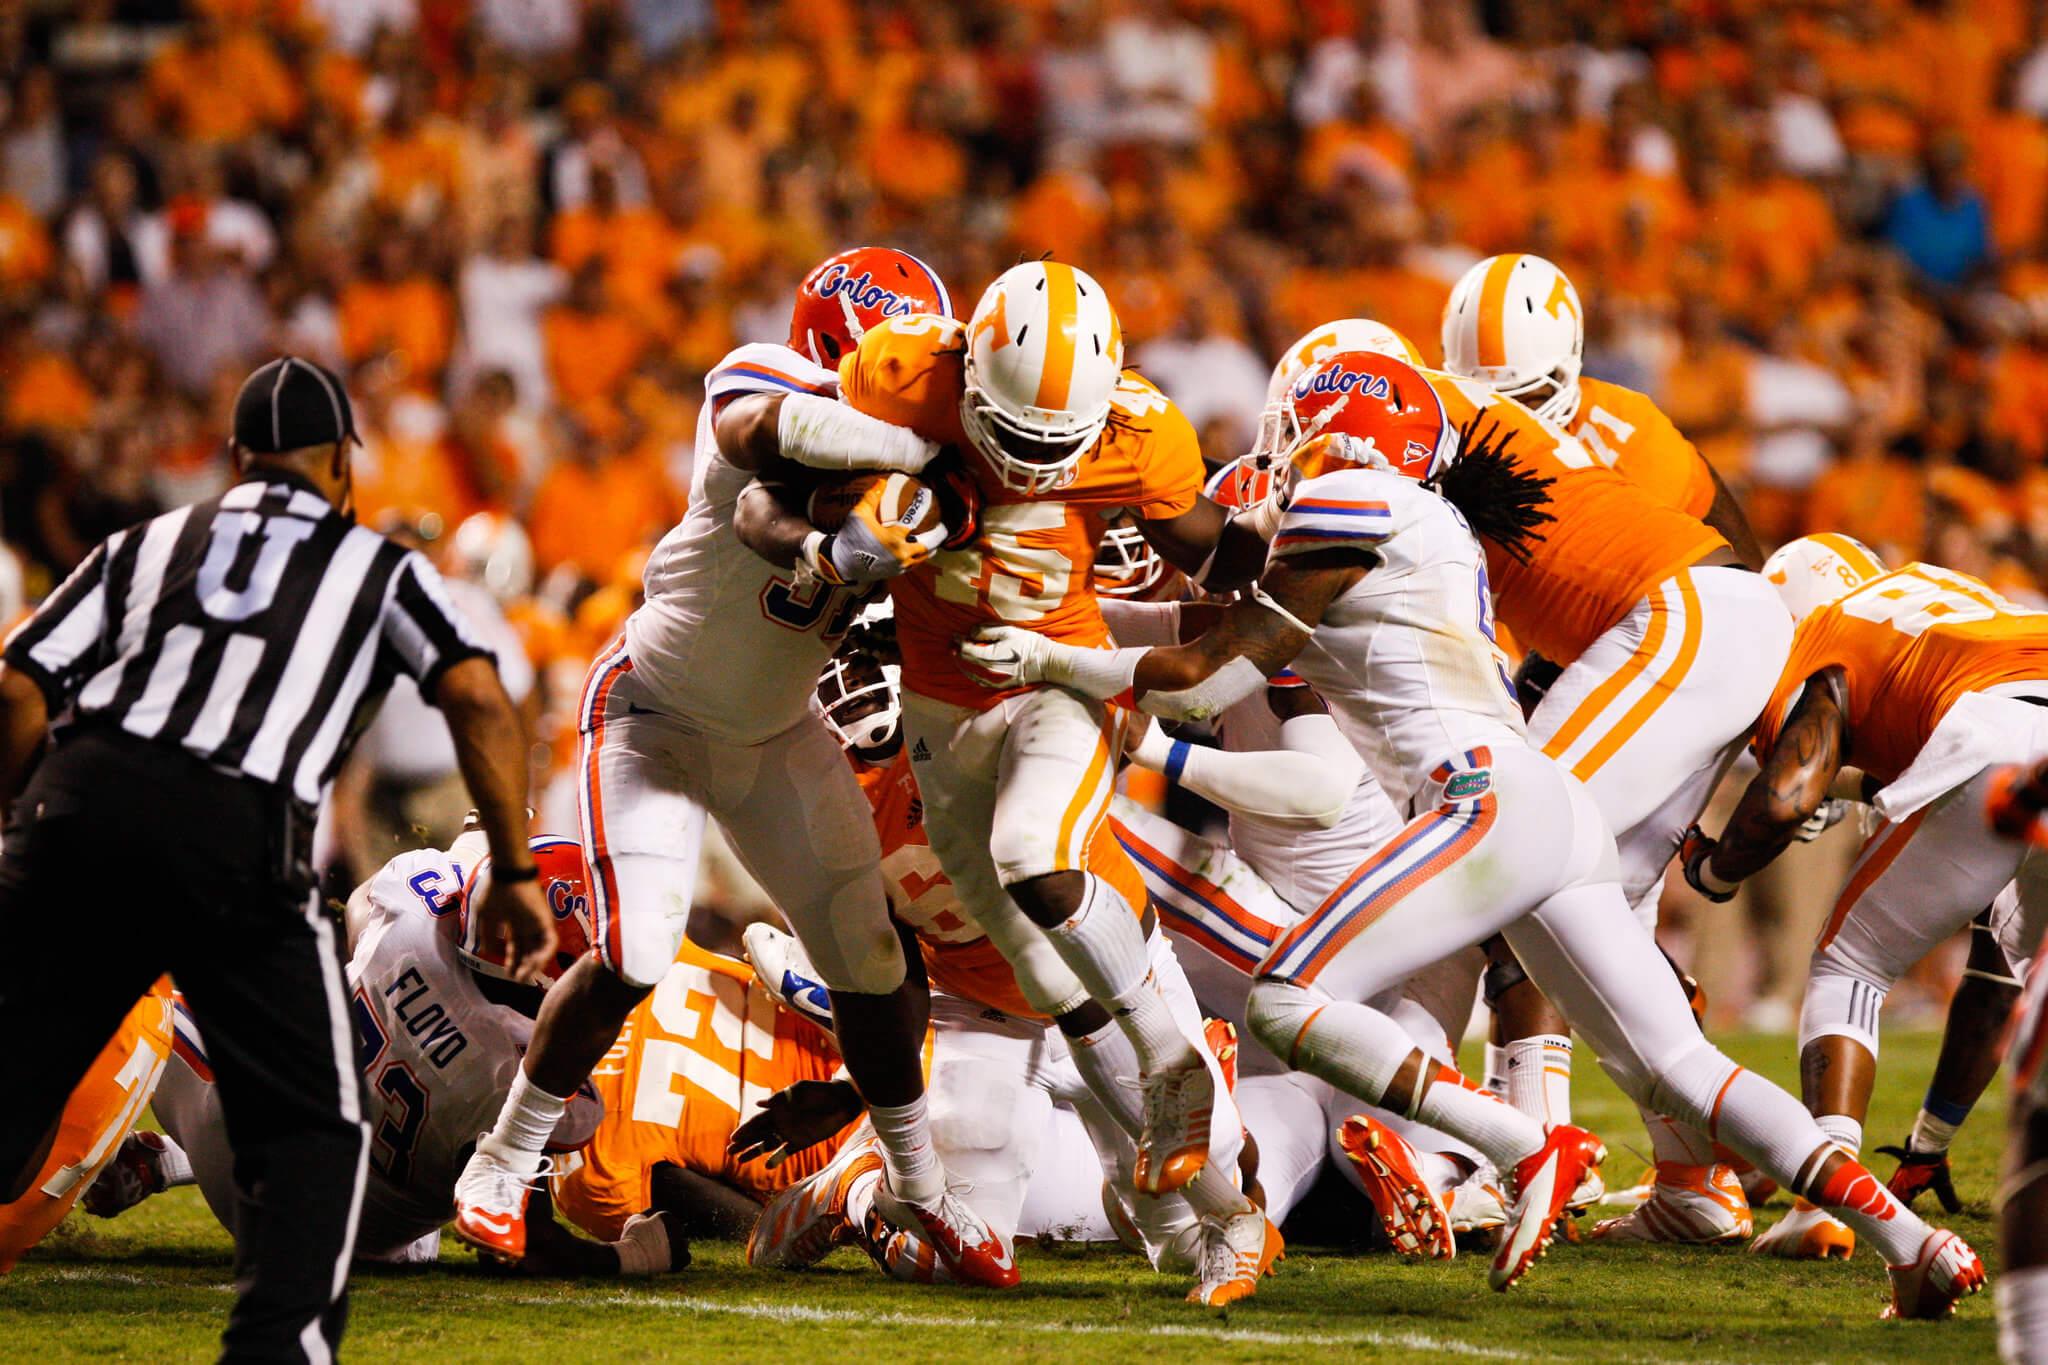 Tennessee vs Florida rivalry